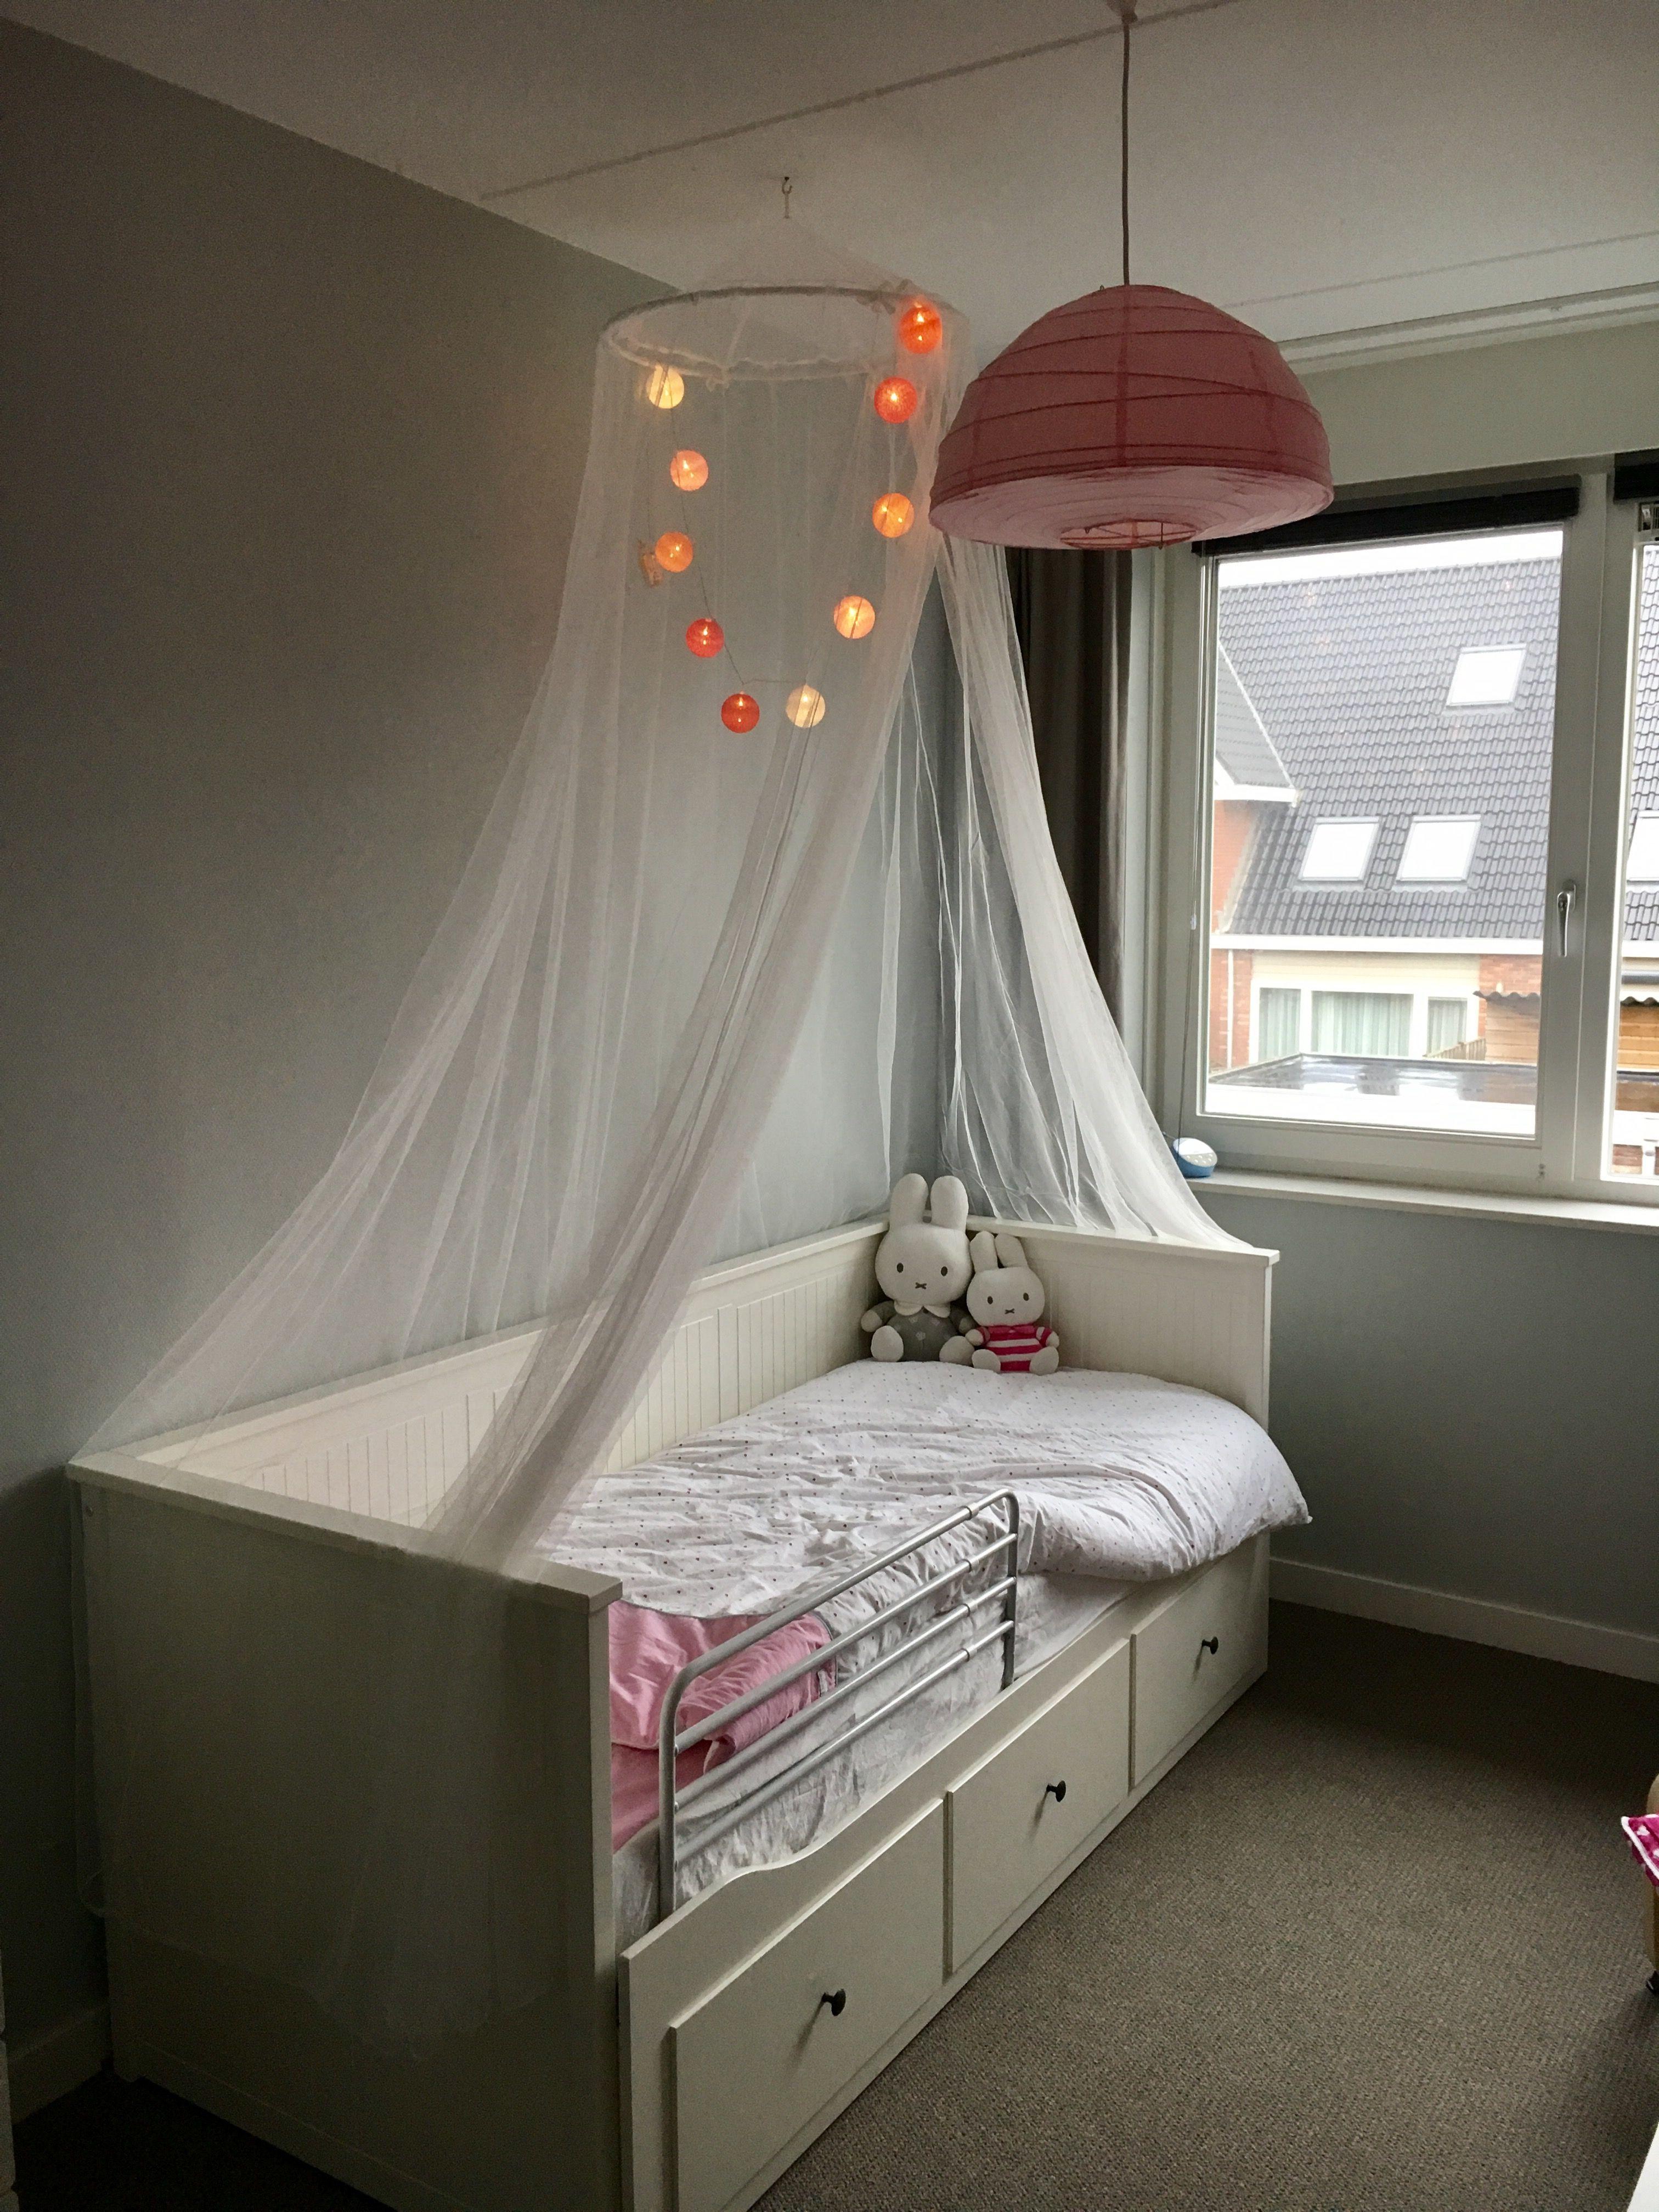 Klamboe Boven Bed Met Cottonballs